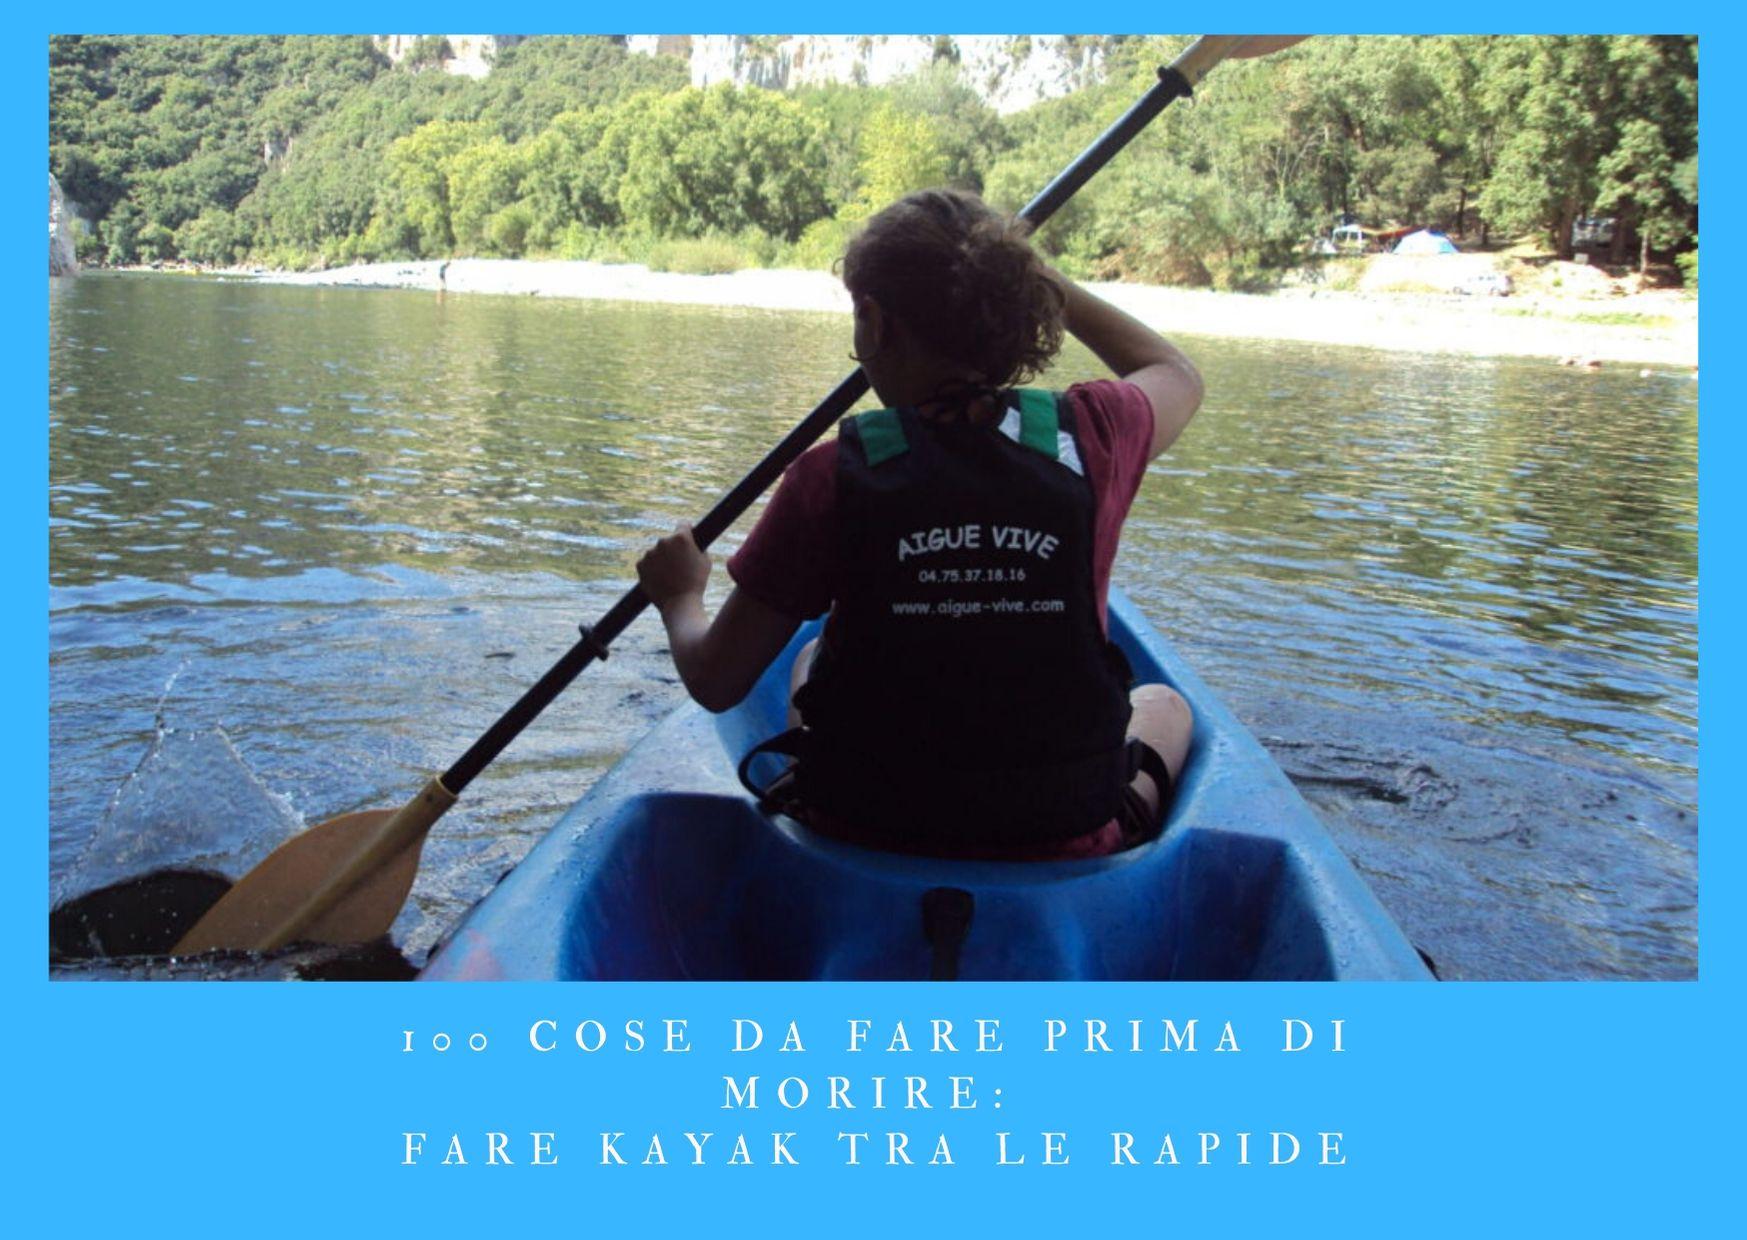 100 cose da fare prima di morire - fare kayak tra le gole di un fiume